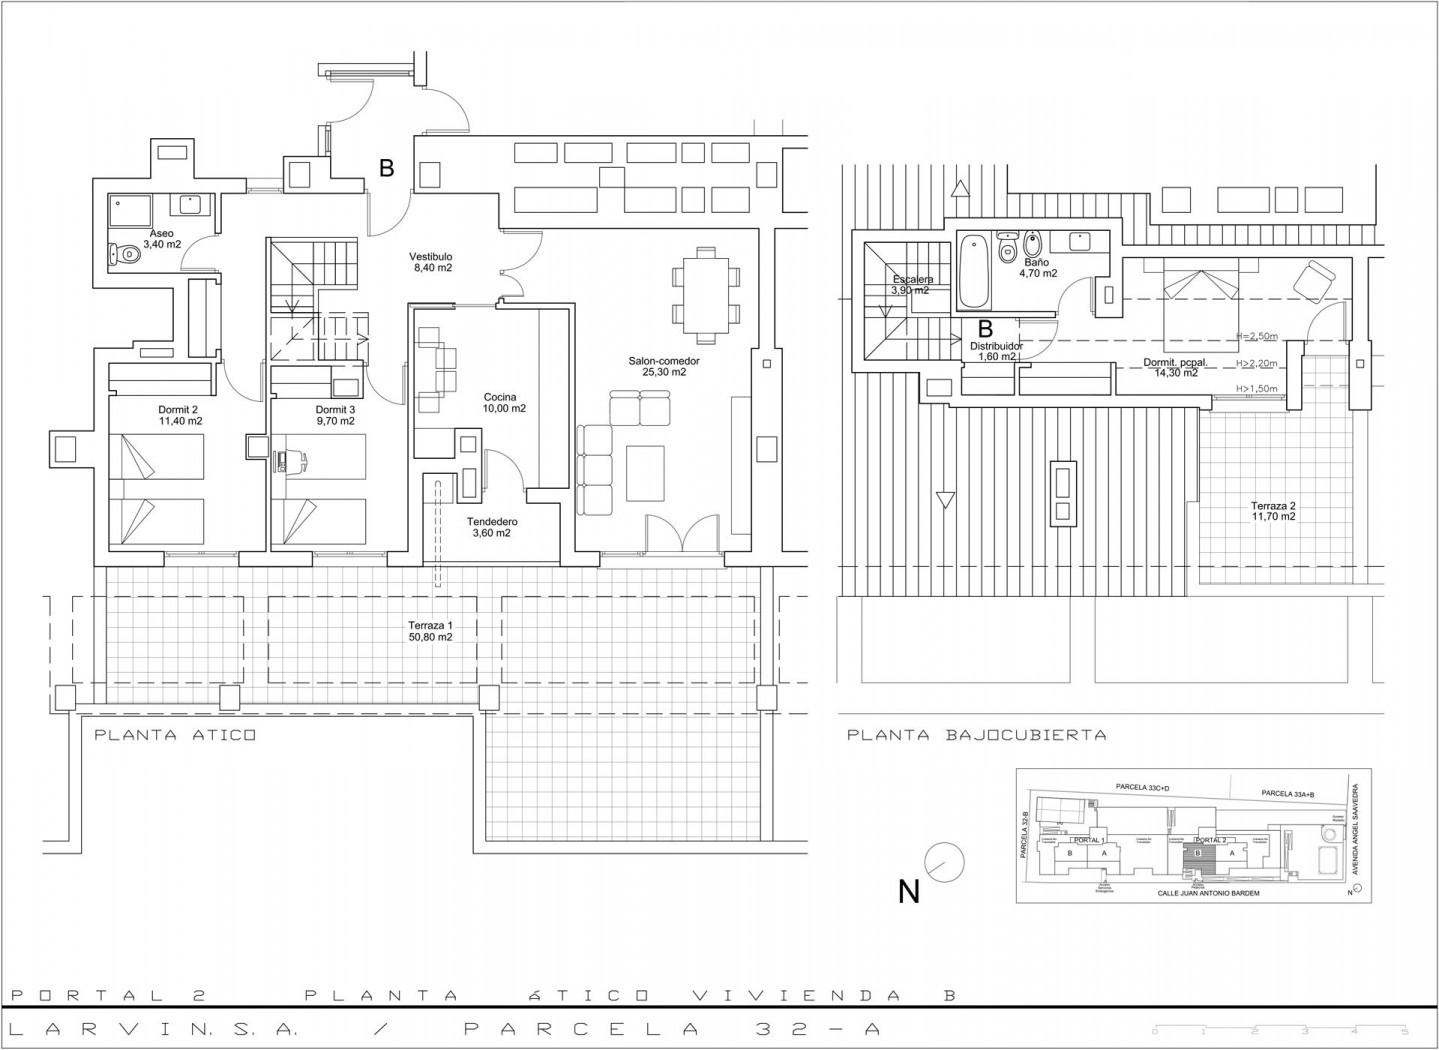 P32A-P2-Atico-B-e1411725901993